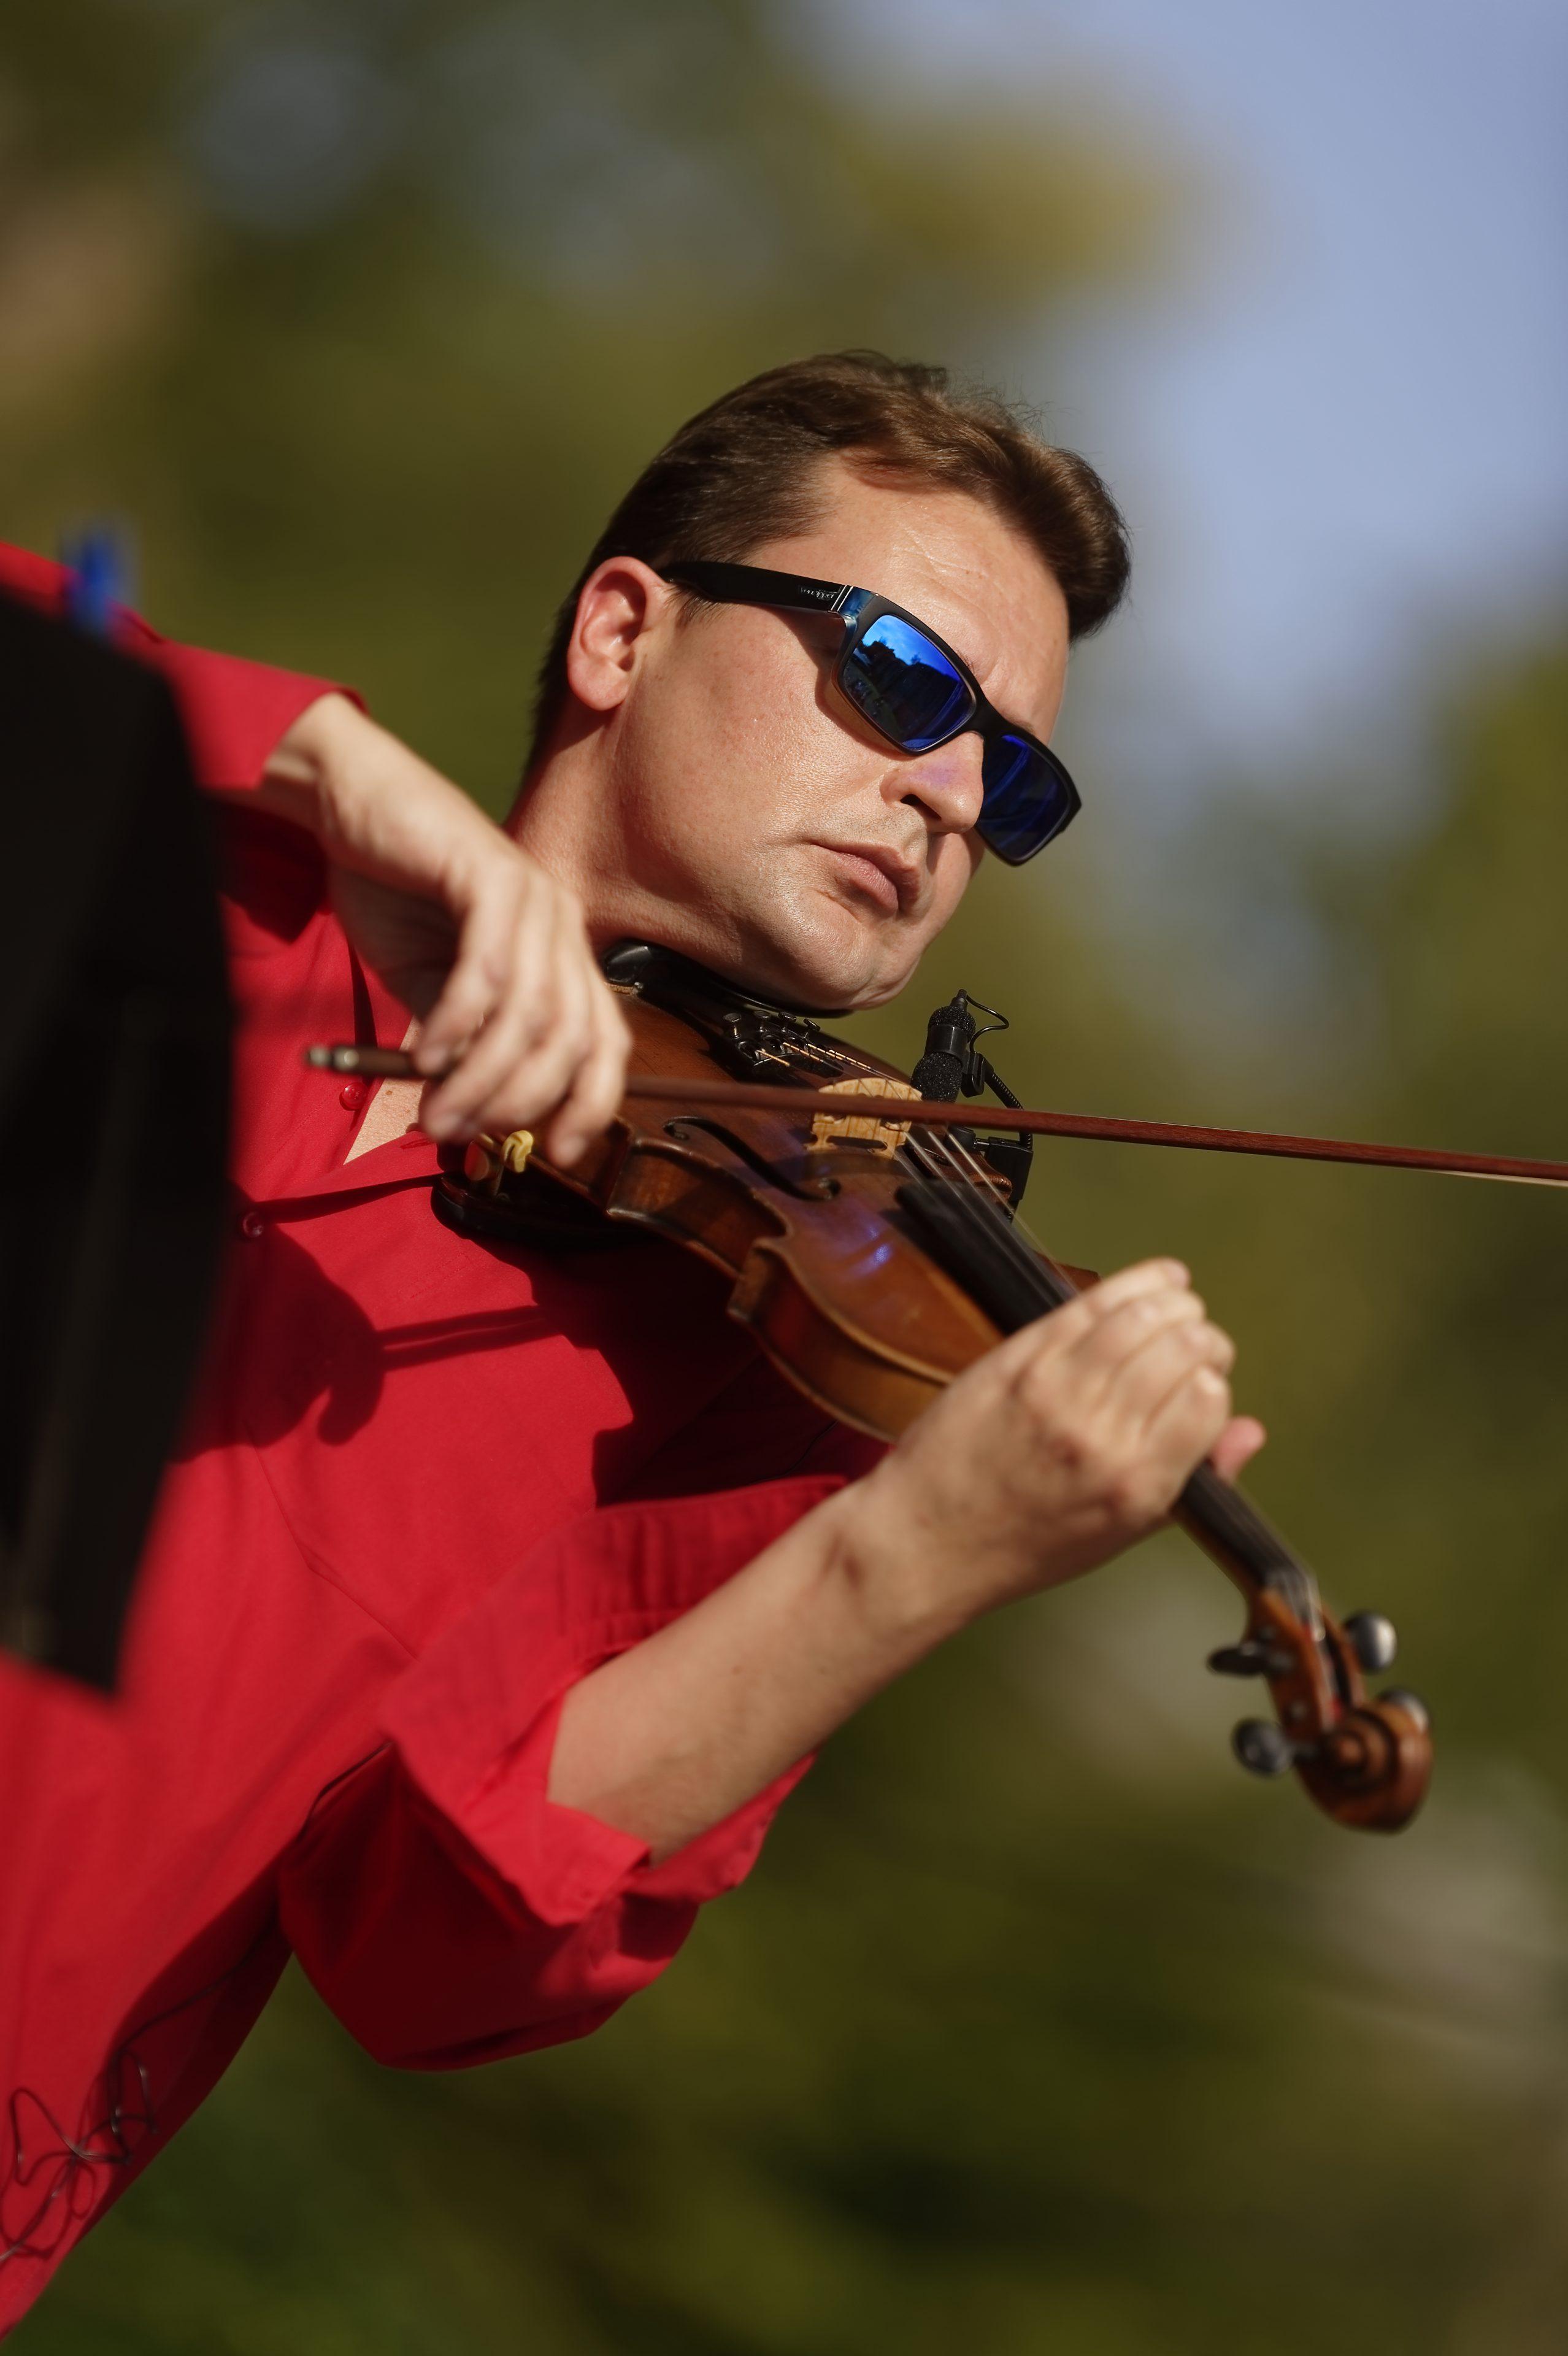 Michael Makarov Jazz Pop Sinfonie Violine Wiesbaden Neroberg Burgfestspiele 13.09.2020